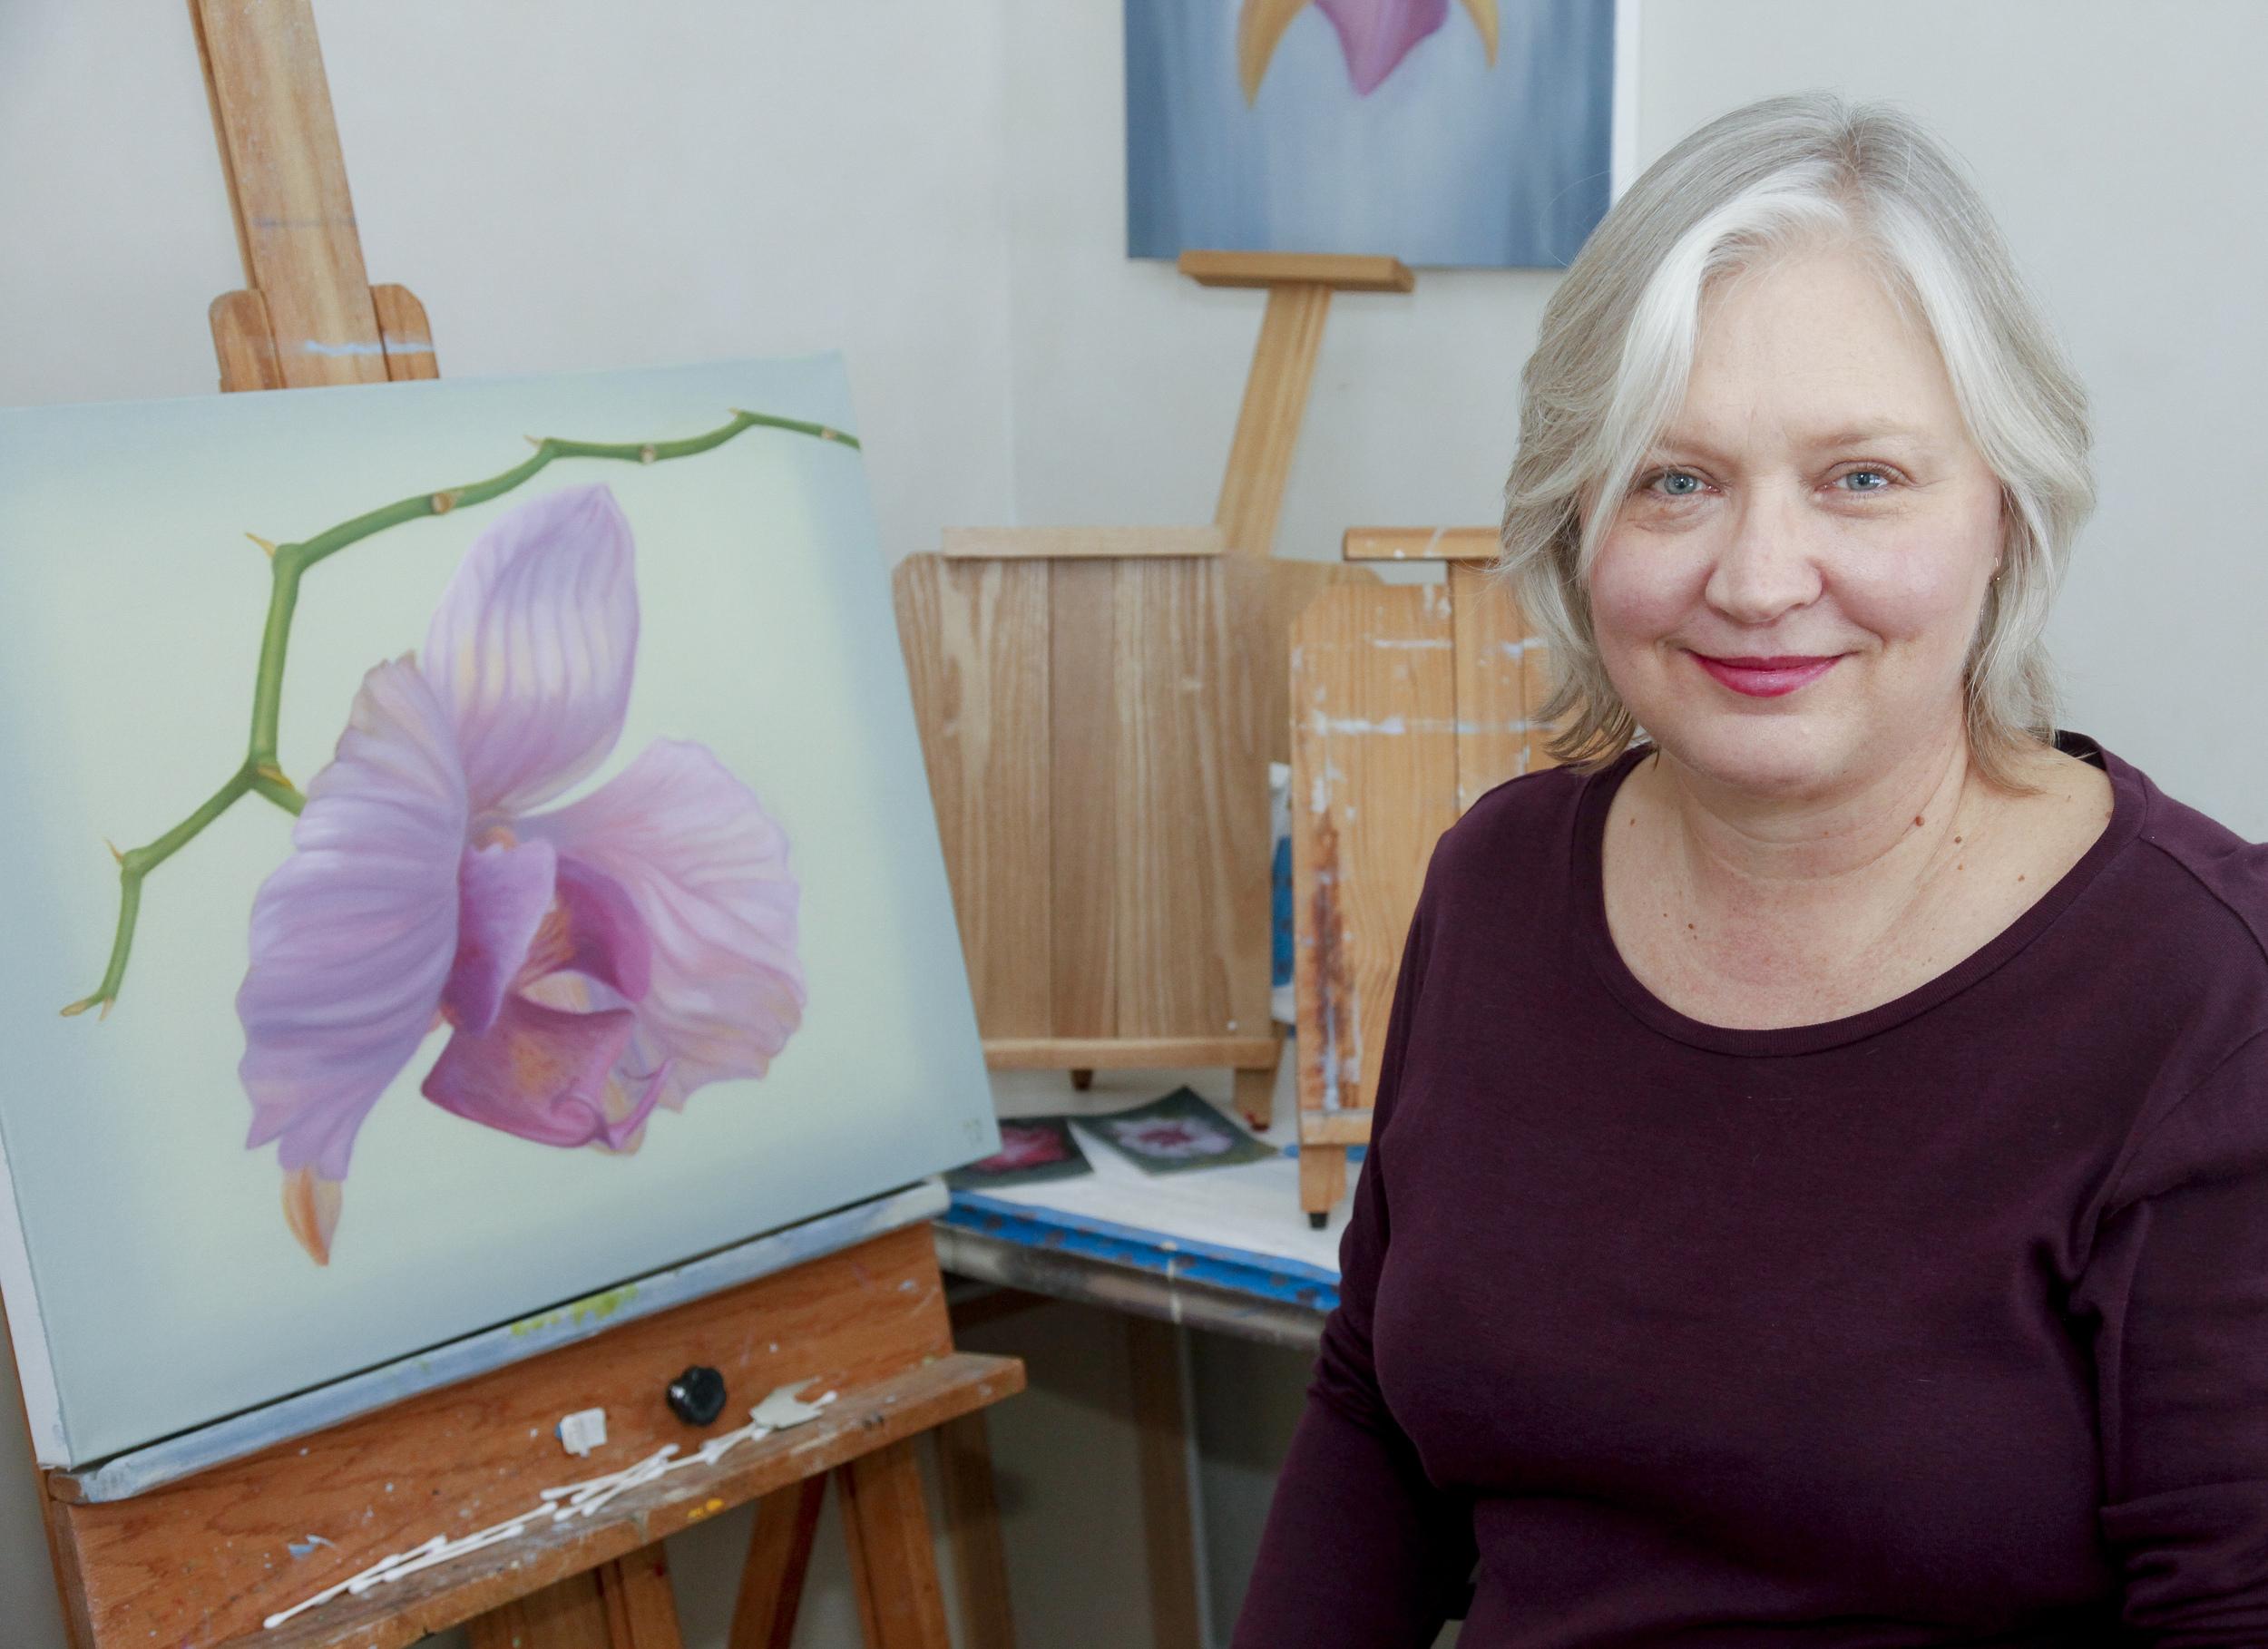 Marissa Bridge, in her East Quogue Studio - photo 2014 by Kathy Zeiger.